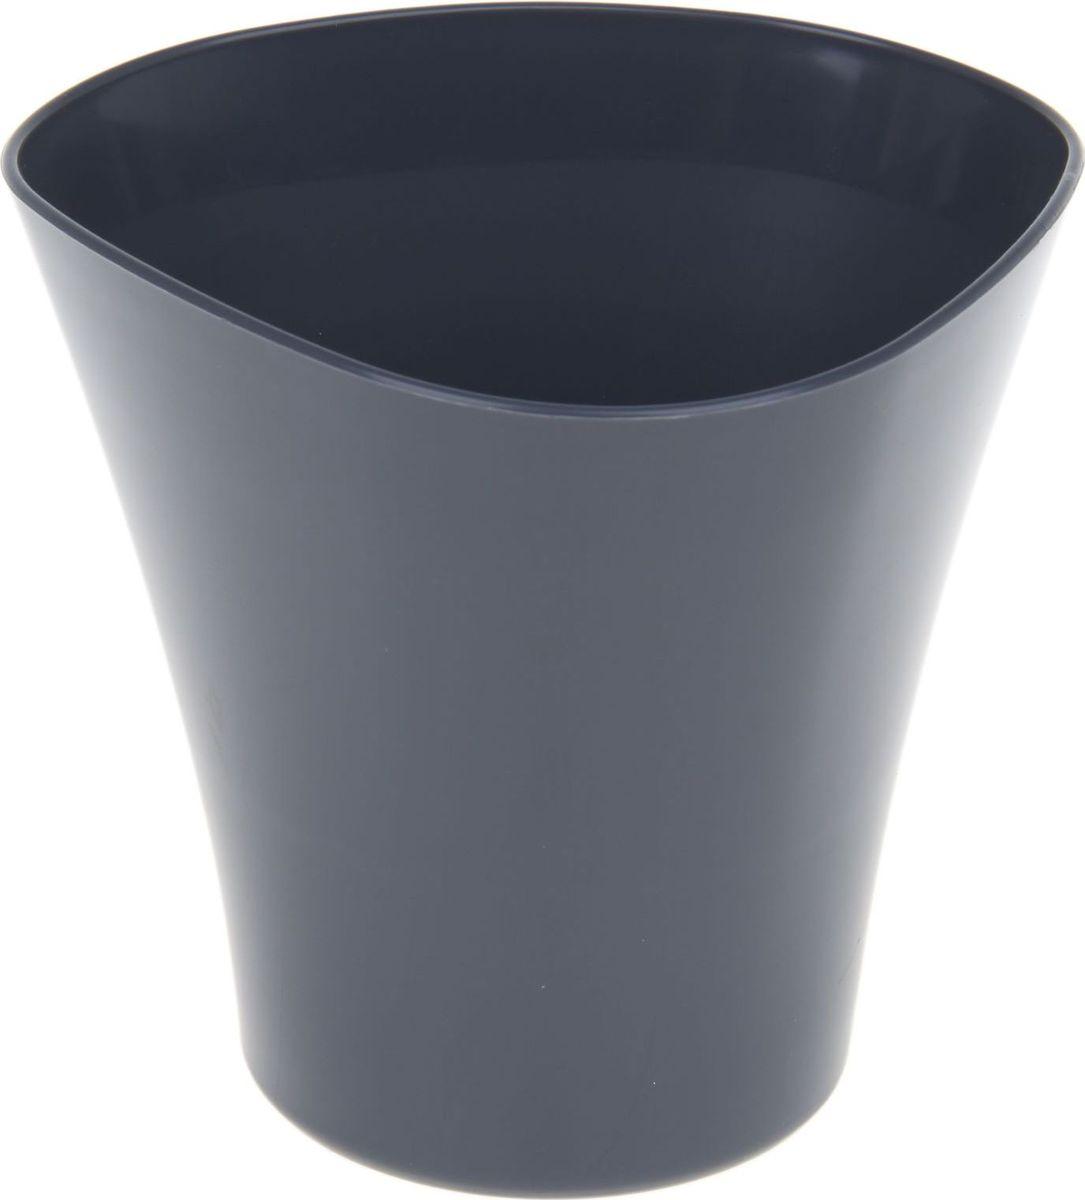 Кашпо JetPlast Волна, цвет: антрацит, 600 мл531-401Кашпо Волна имеет уникальную форму, сочетающуюся как с классическим, так и с современным дизайном интерьера. Оно изготовлено из прочного полипропилена (пластика) и предназначено для выращивания растений, цветов и трав в домашних условиях. Такое кашпо порадует вас функциональностью, а благодаря лаконичному дизайну впишется в любой интерьер помещения. Объем кашпо: 600 мл.